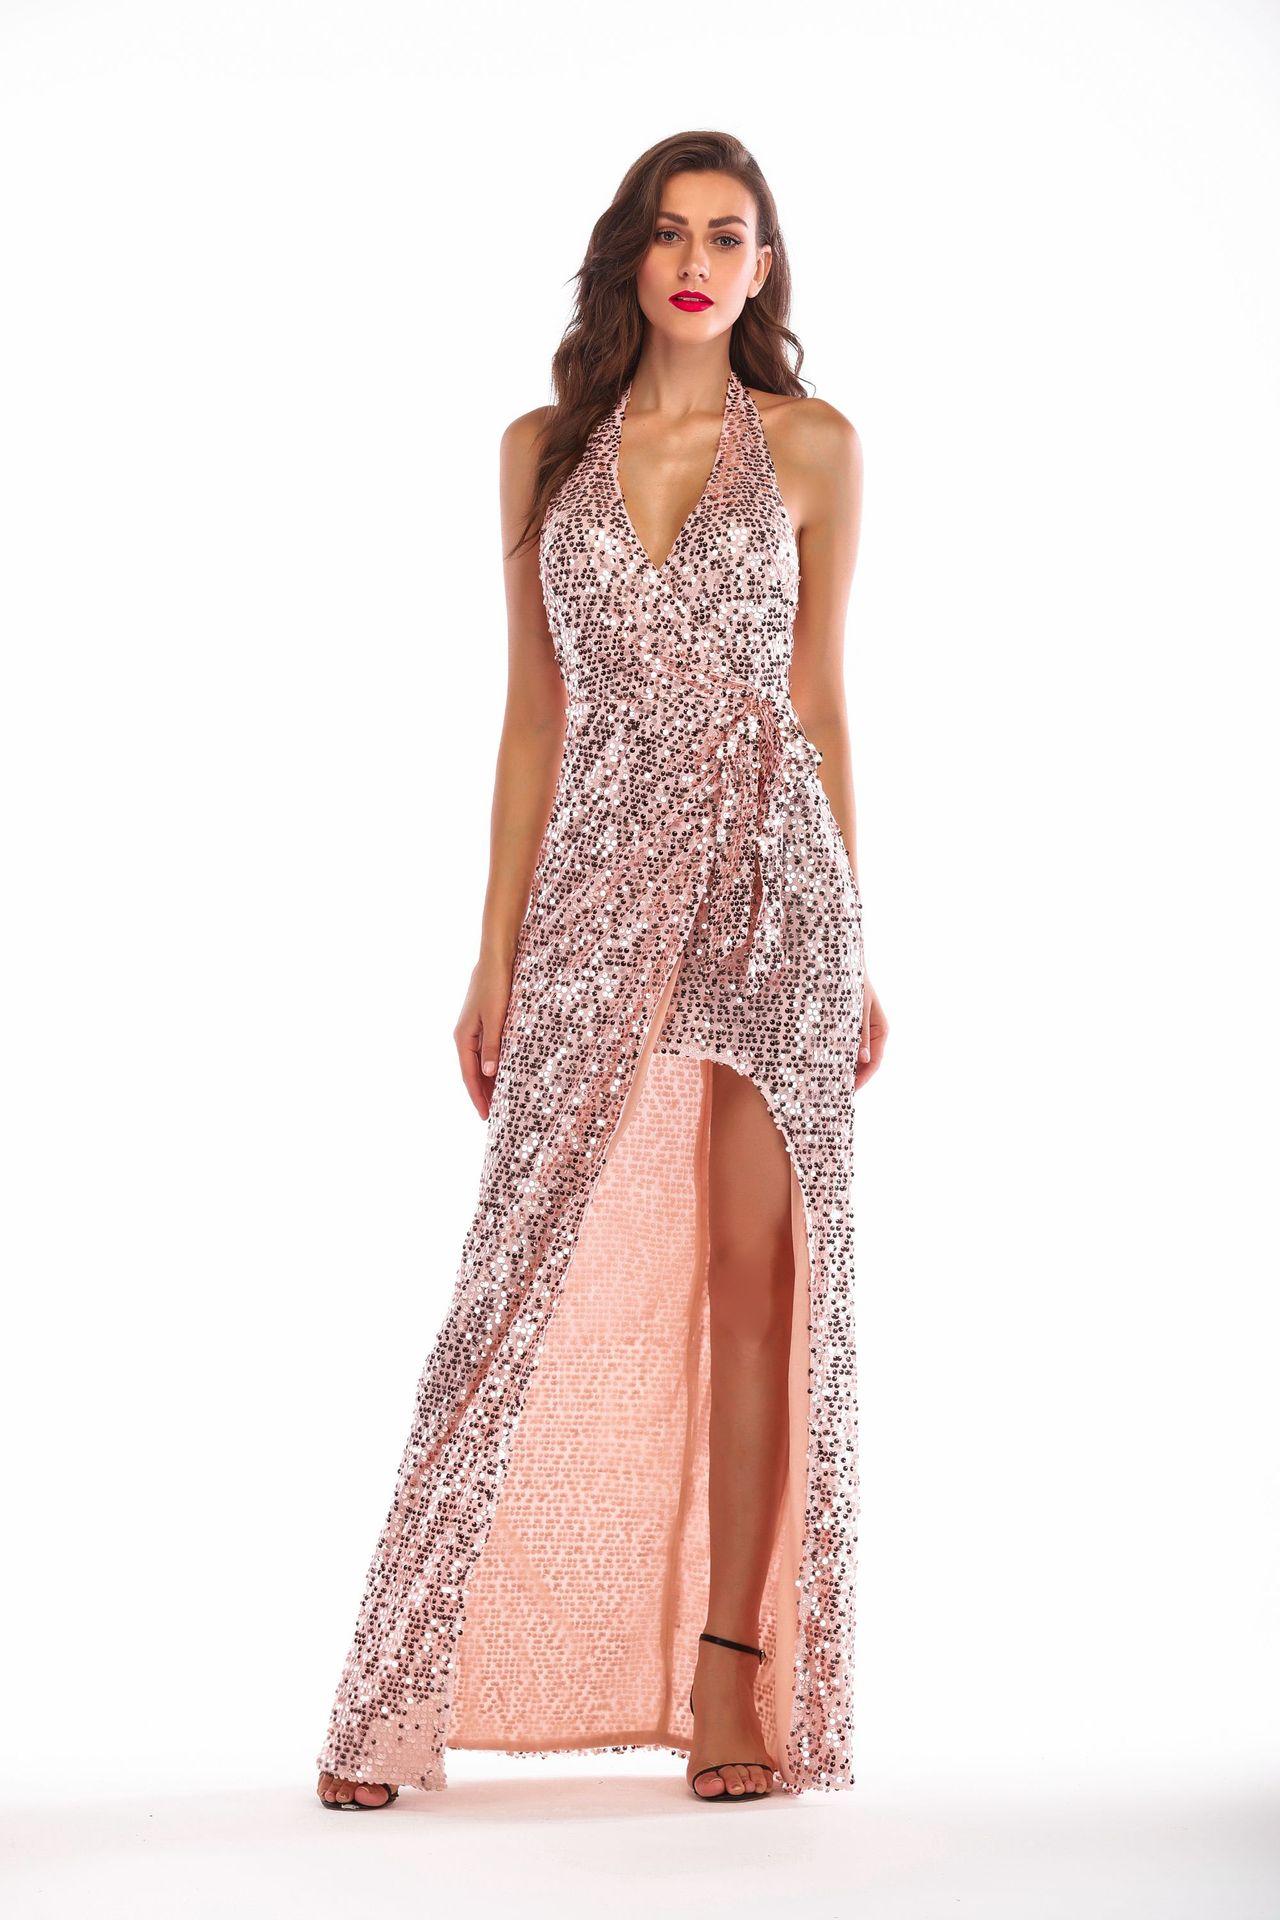 Femmes 2019 été Explosion couleur unie v-cou or Rose licou robe Sexy élastique Sequin robe taille S-XL